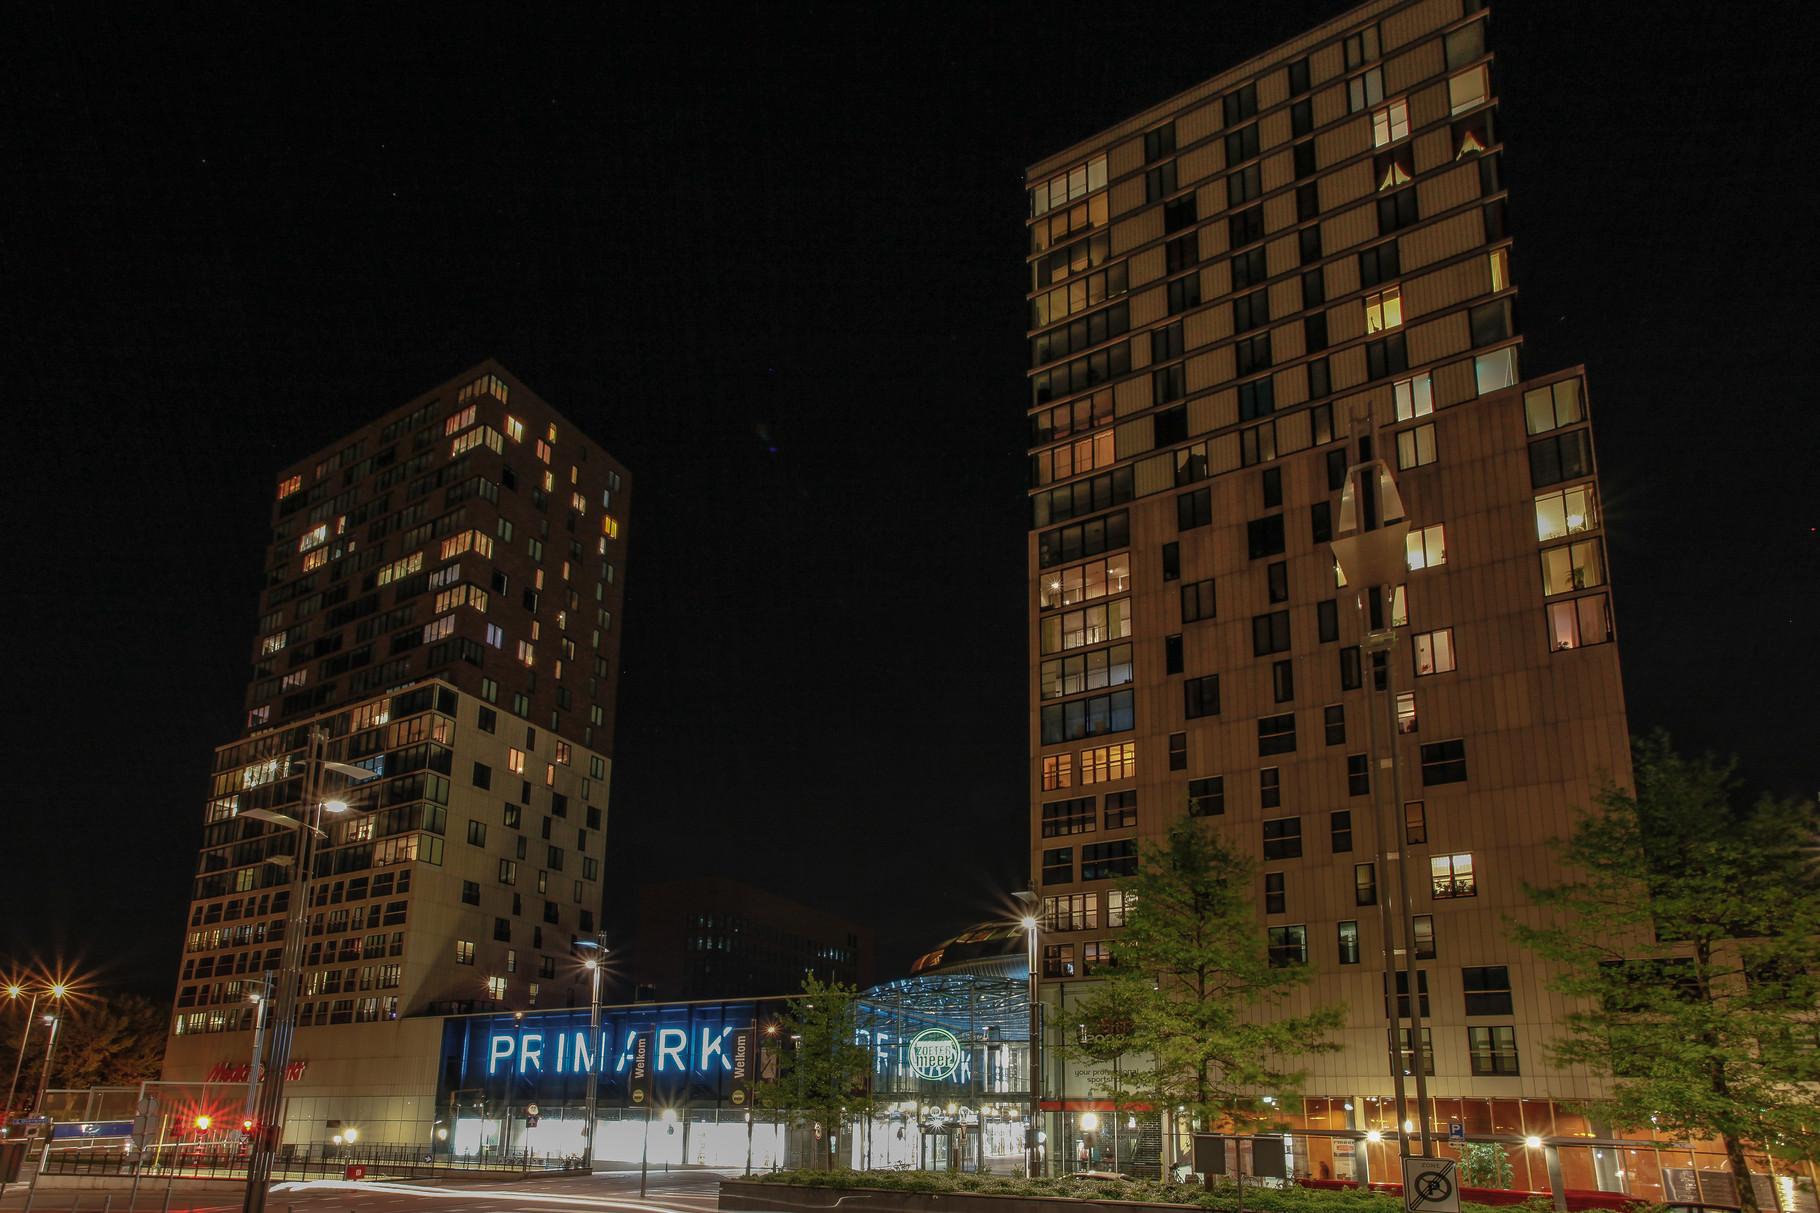 Nachtfoto Centrum West Zoetermeer - DOKOE Fotografie